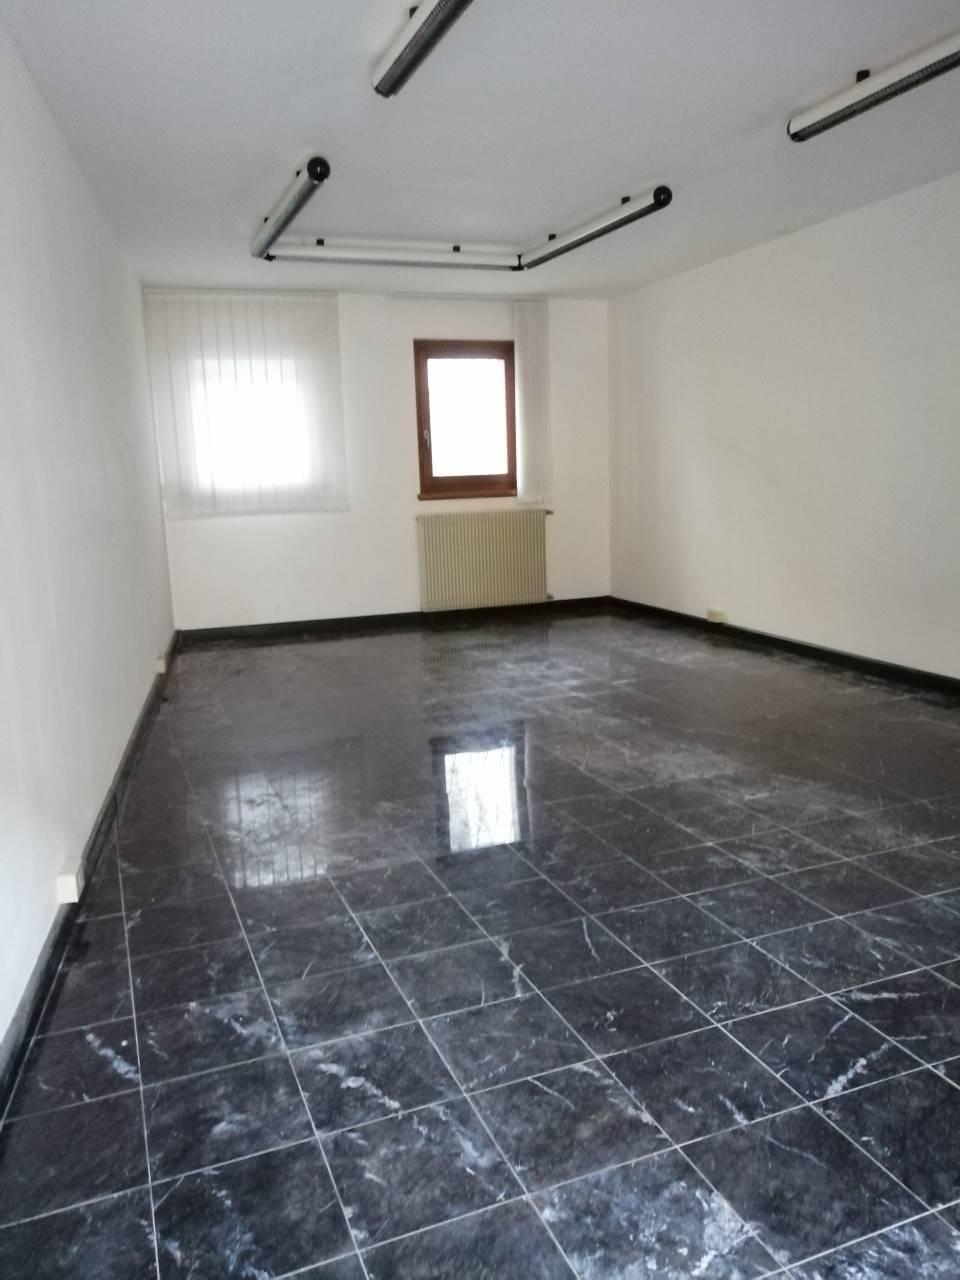 Ufficio / Studio in affitto a Udine, 2 locali, zona Zona: Centro storico, prezzo € 500 | CambioCasa.it